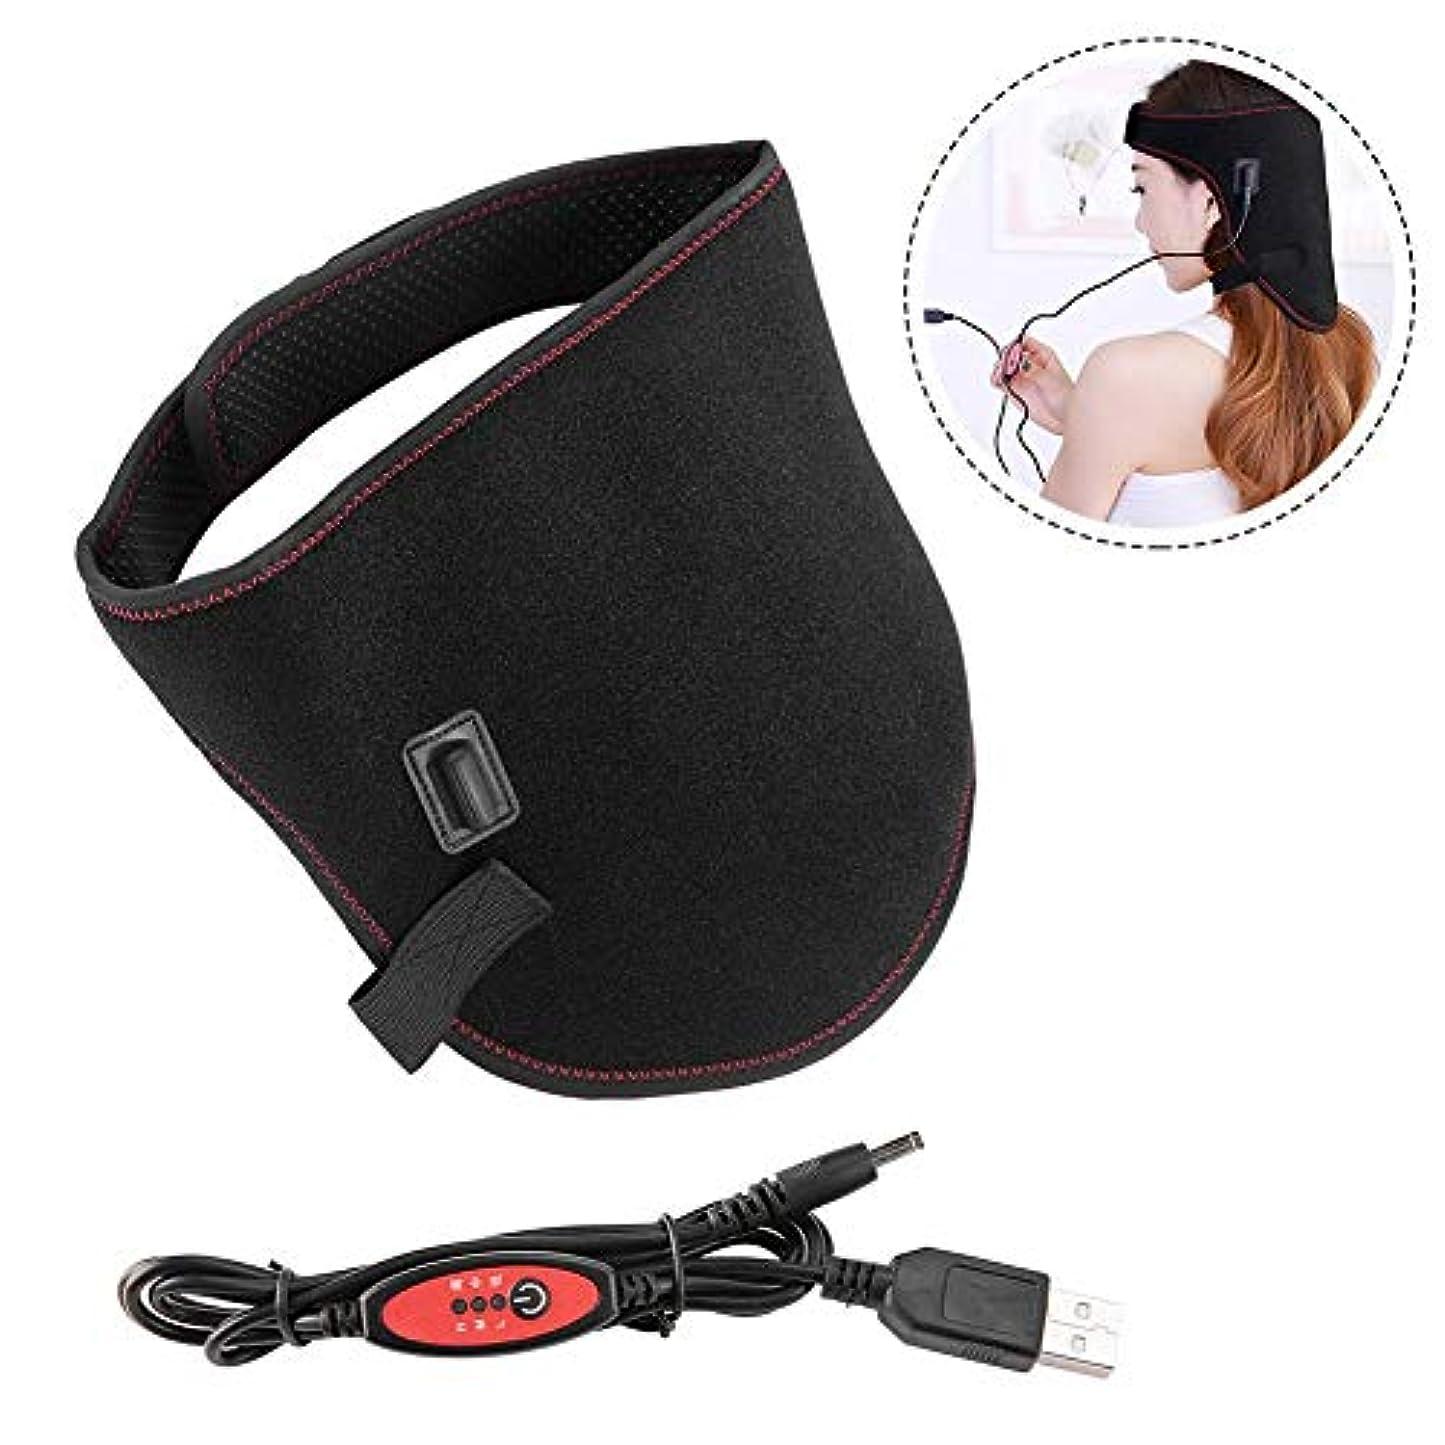 単なる限界発症加熱ネックベルト、usbネオプレン電気赤外線温度制御加熱熱い圧縮ヘッド保護ラップにケア頭痛ホームオフィスの使用